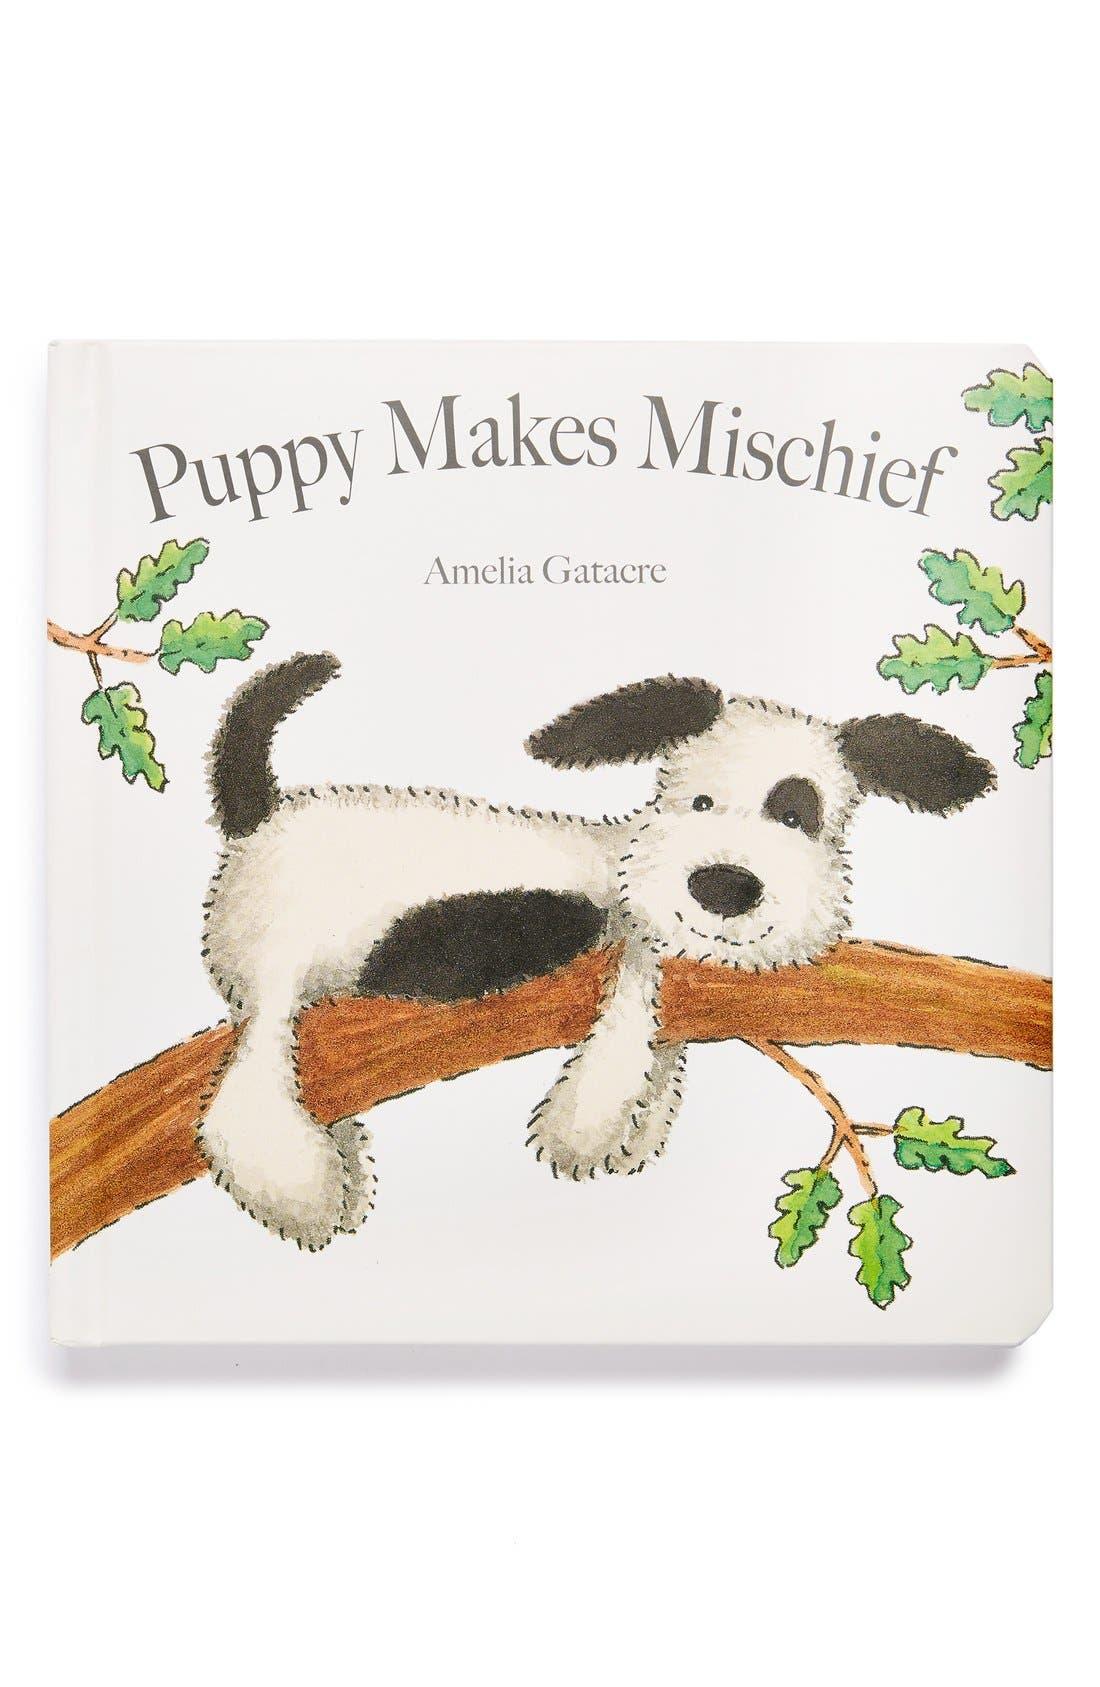 'Puppy Makes Mischief' Board Book